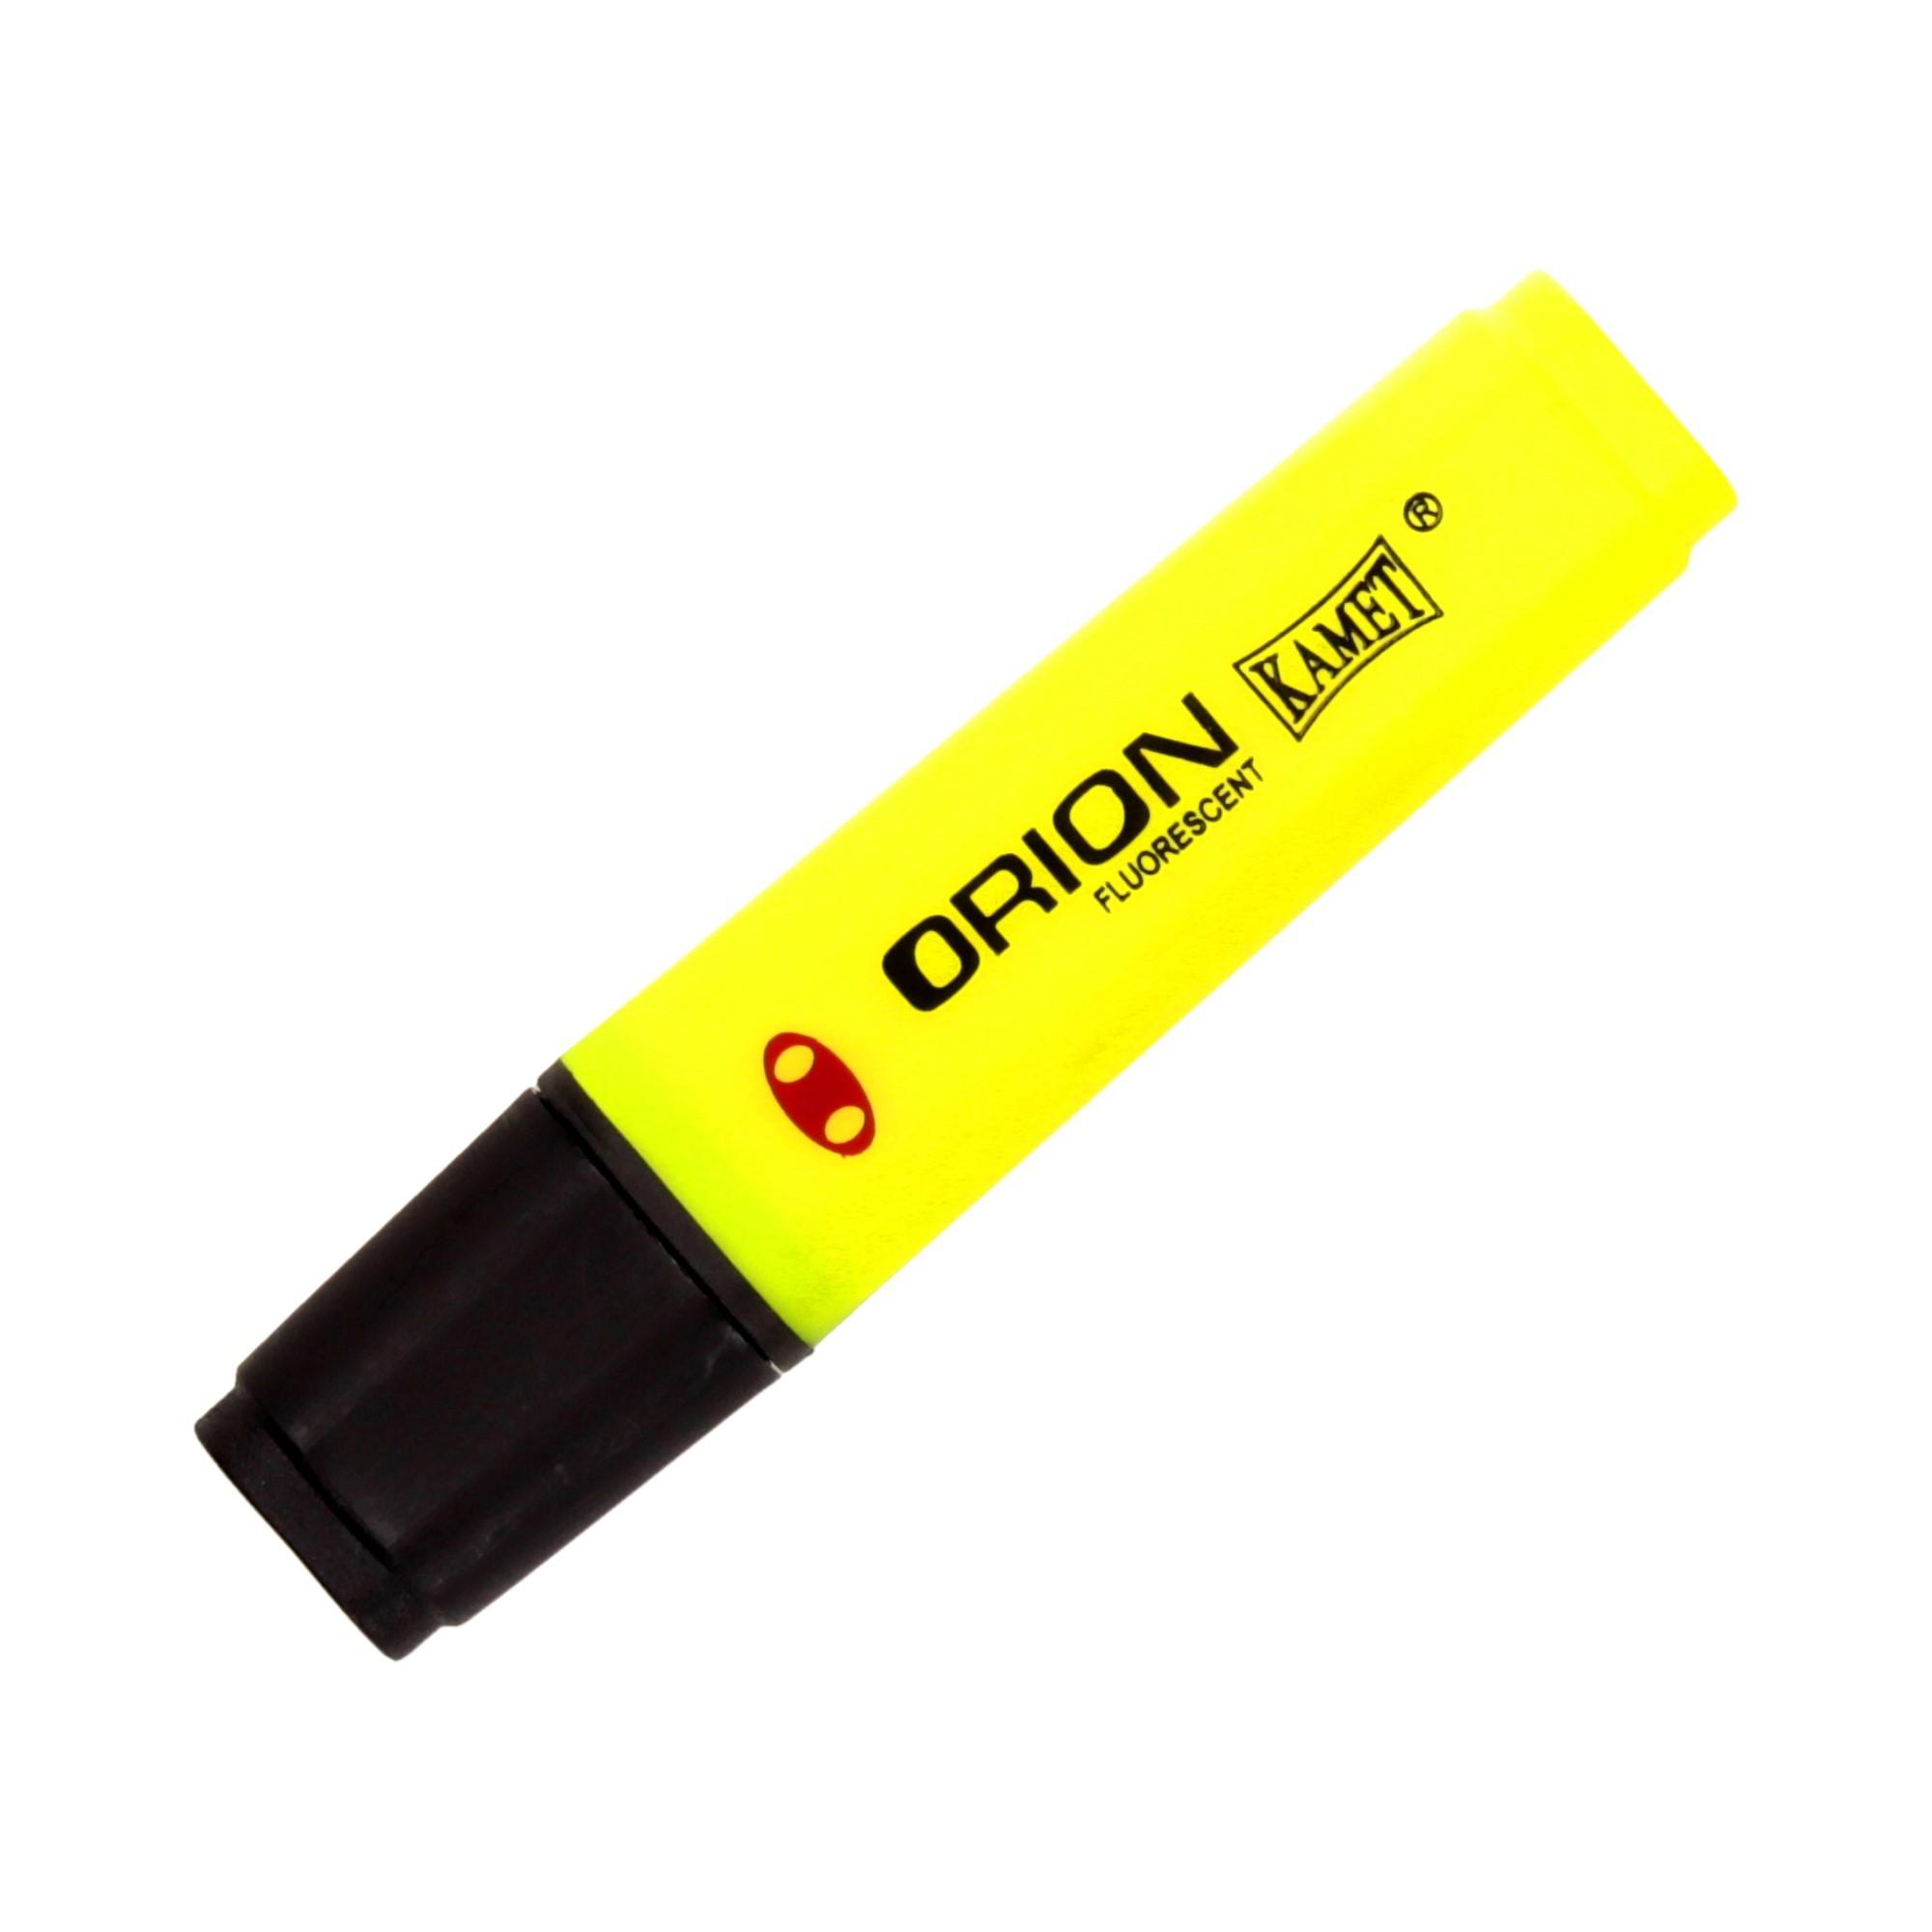 Zakreślacz żółty Orion Kamet